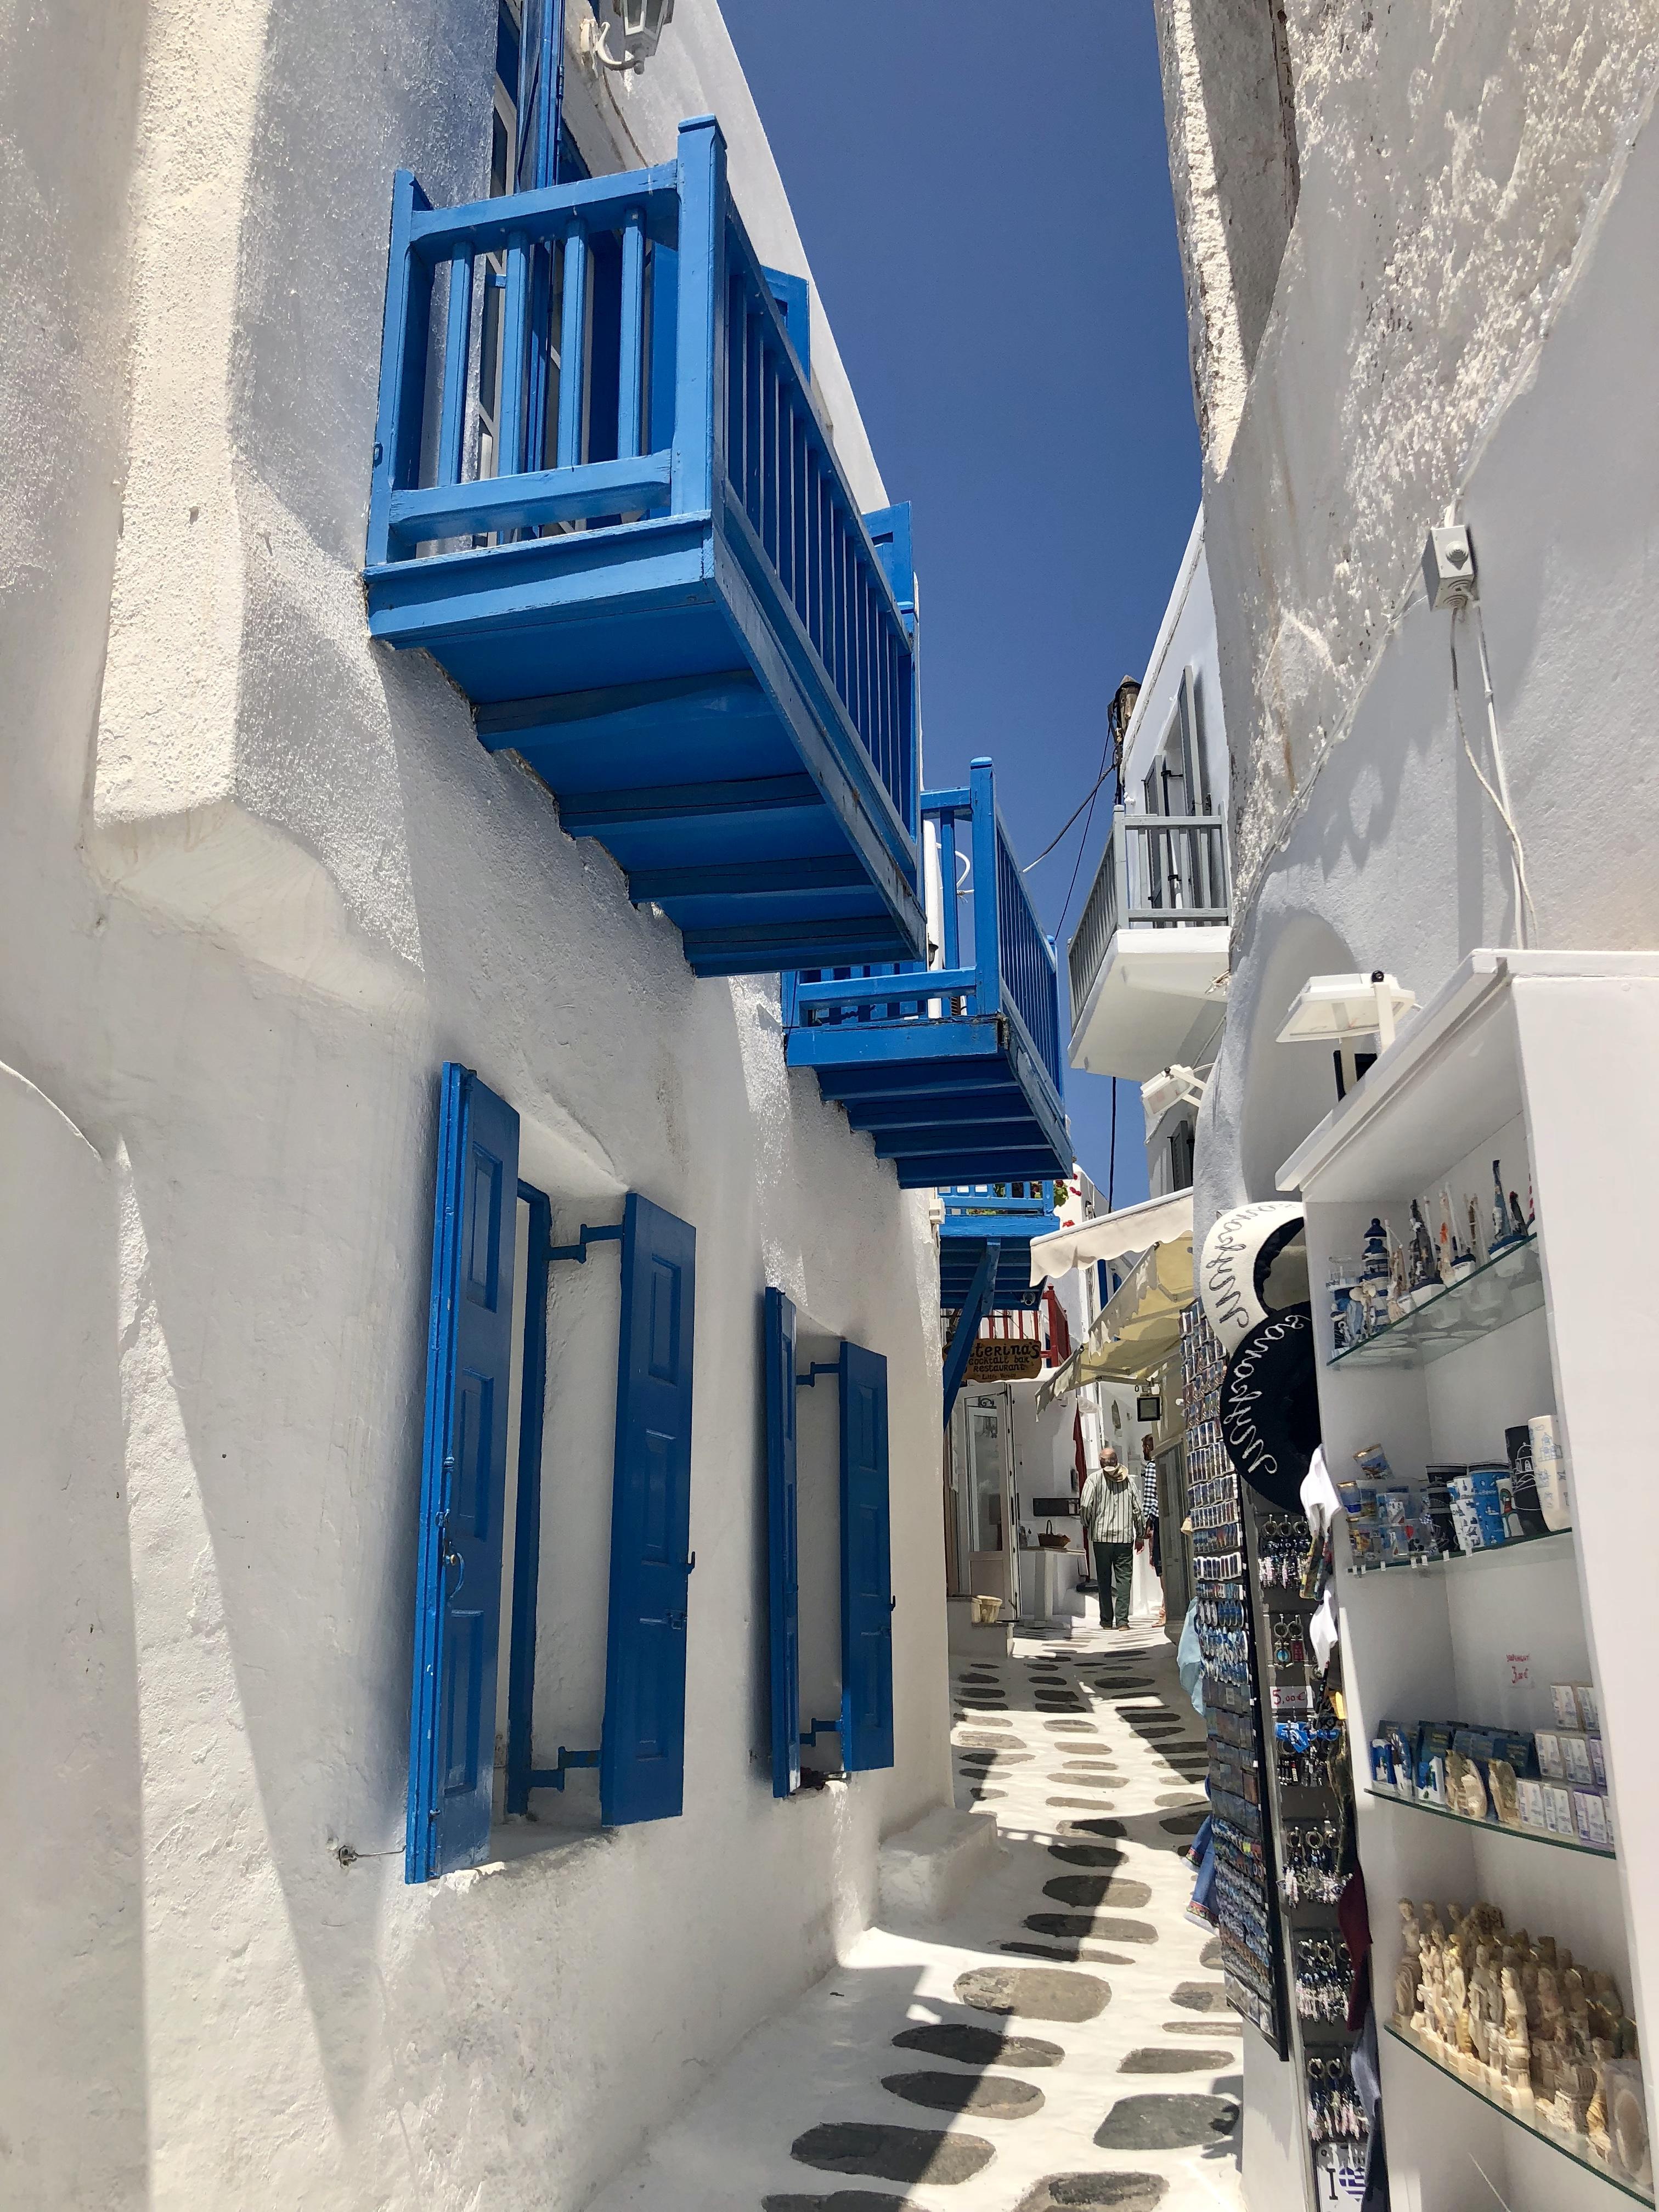 Wandering the streets of Little Venice, Mykonos